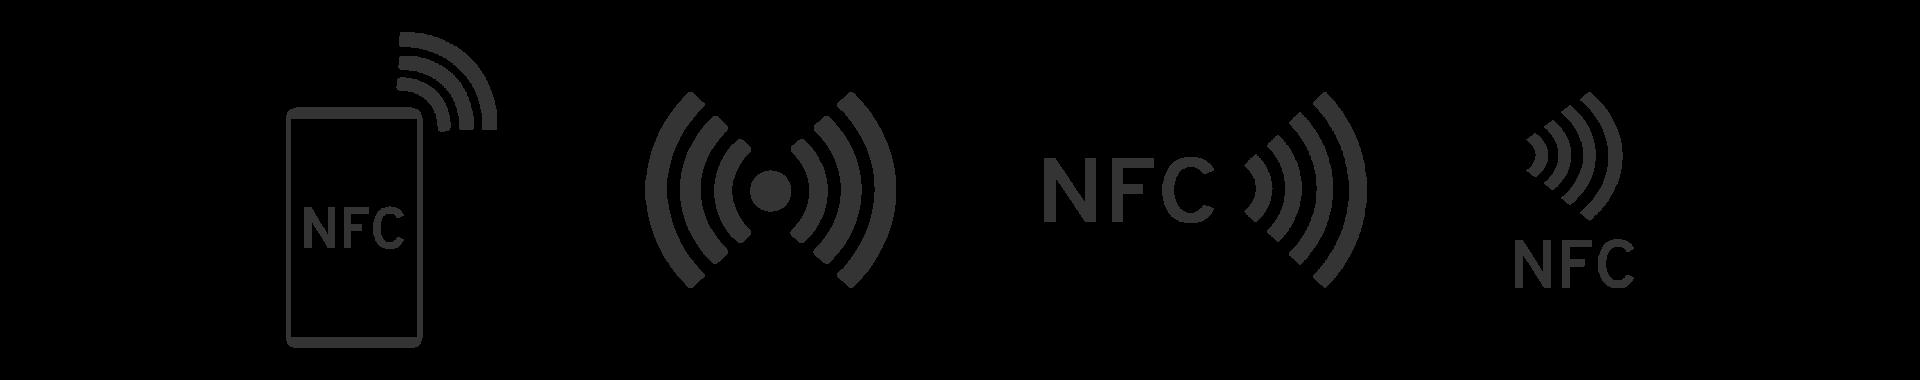 NFC-Logo Varianten